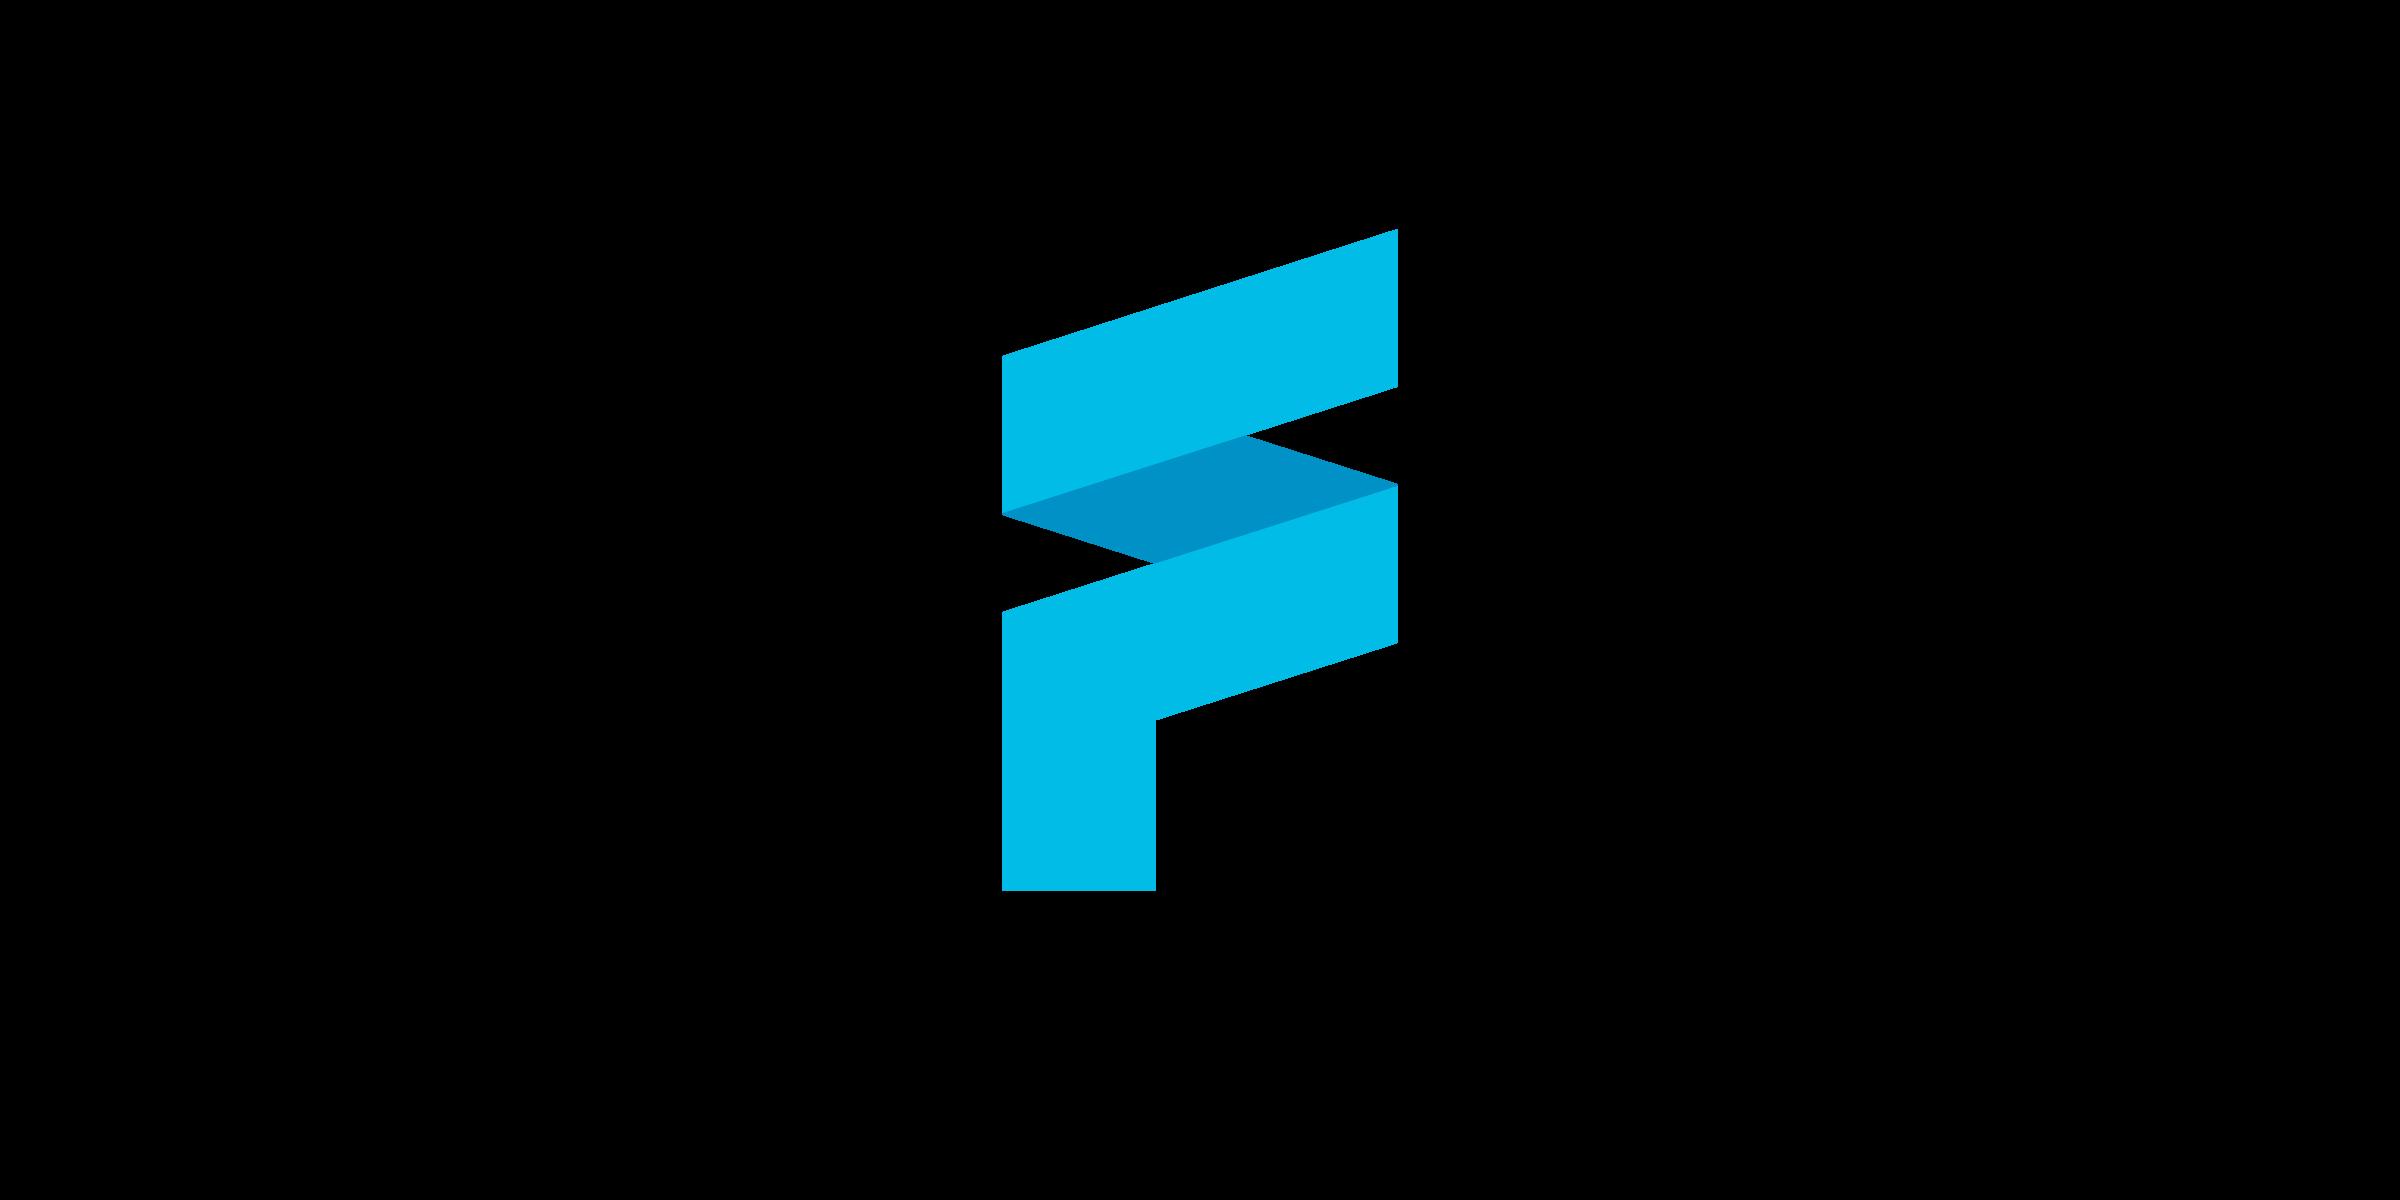 finos-icon-logo